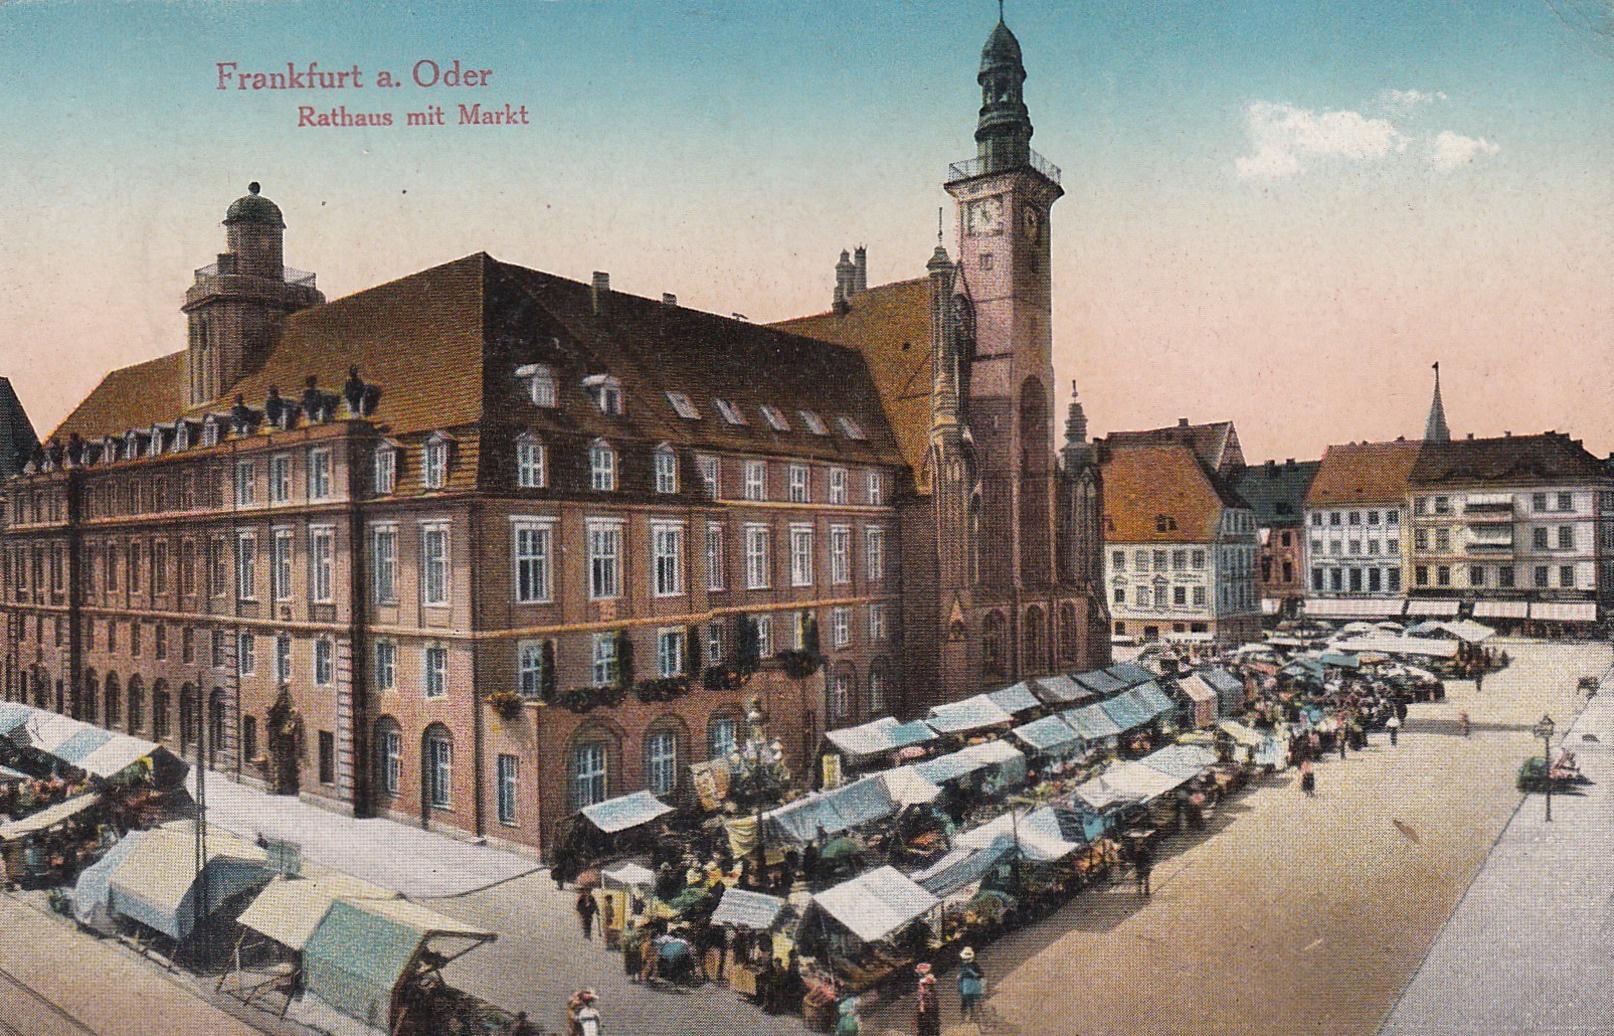 Stadt Frankfurt (Oder)